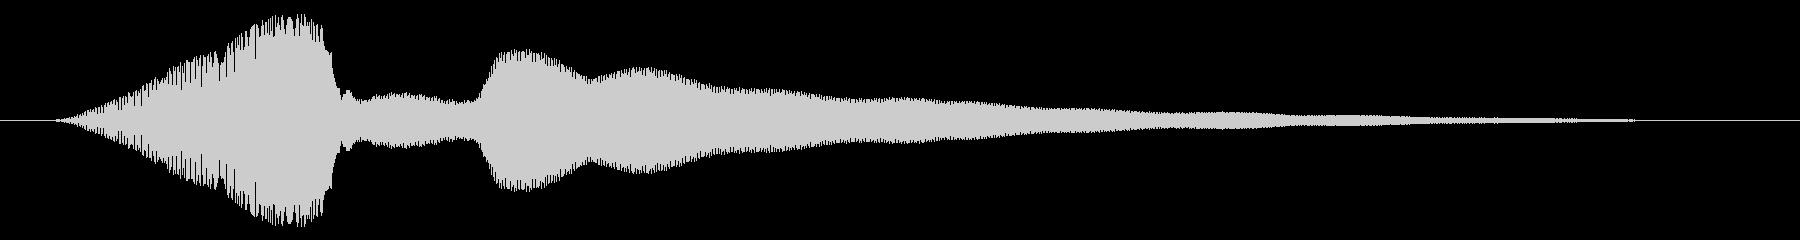 決定/ロック解除/成功の未再生の波形